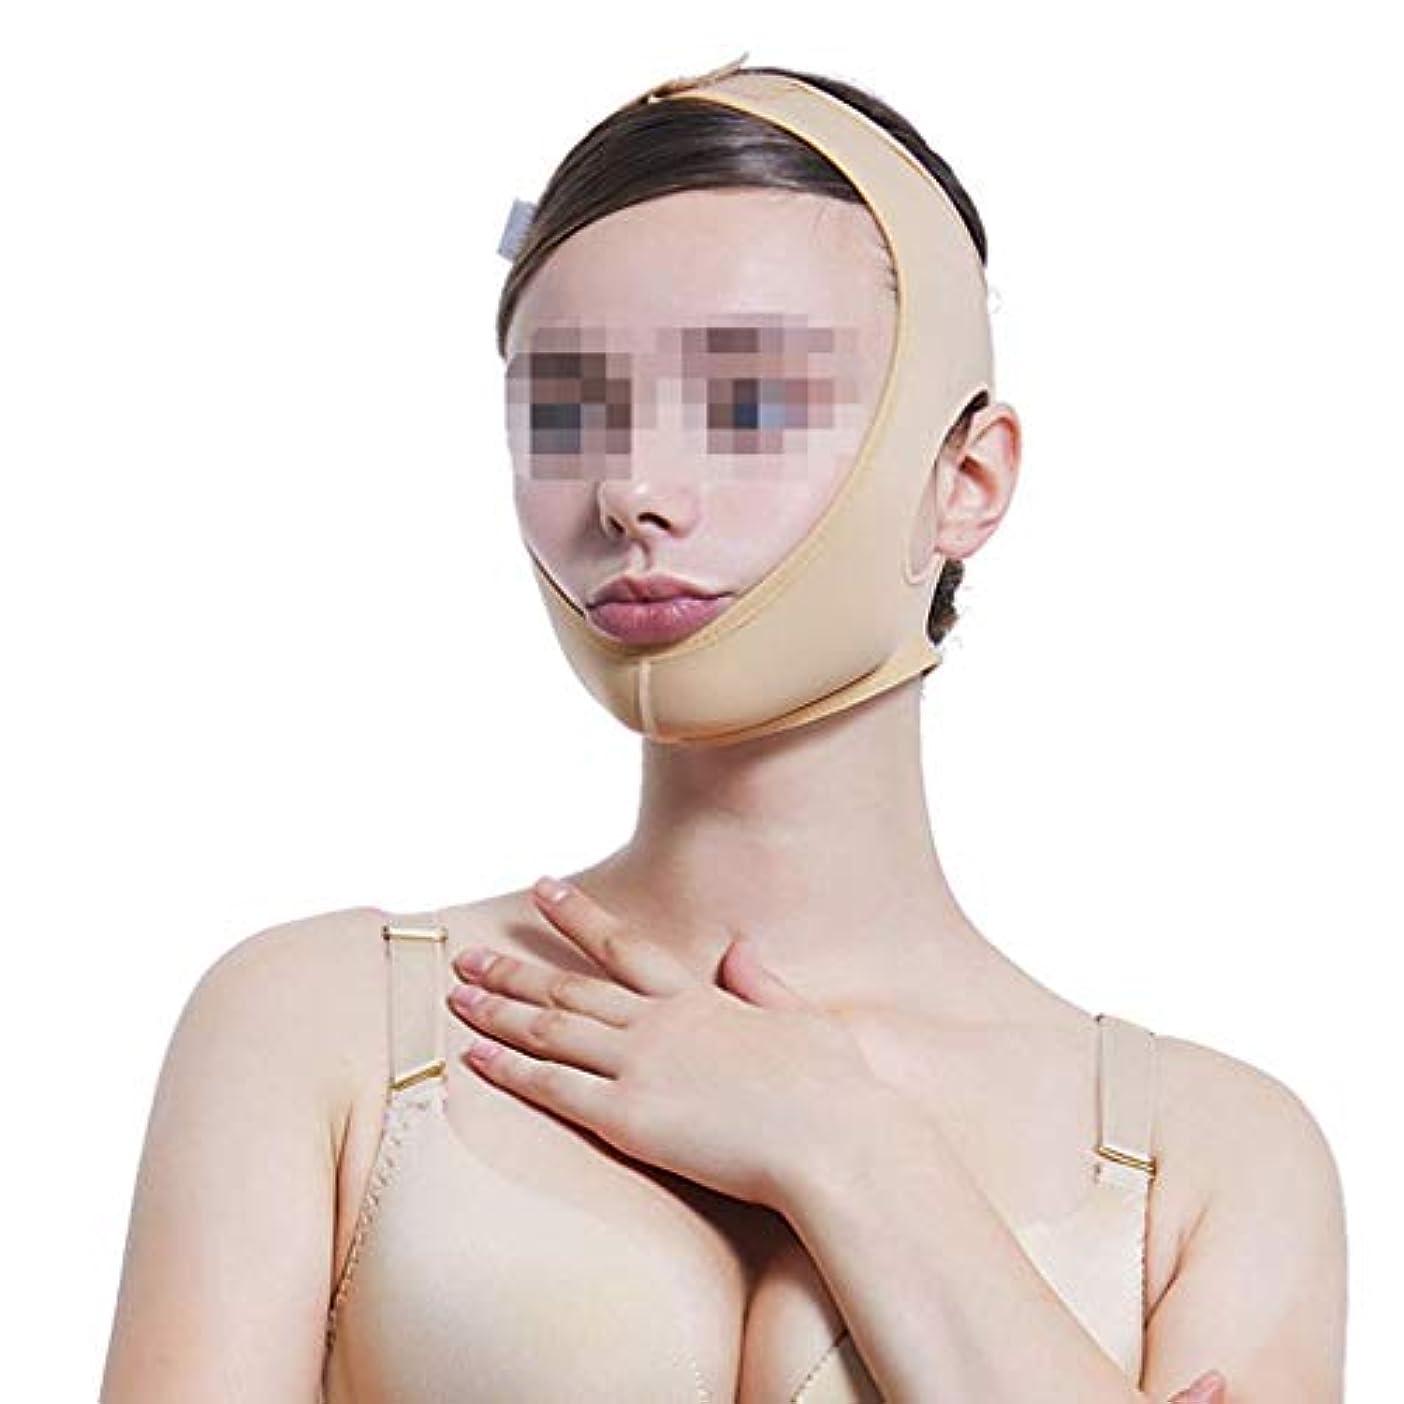 議会普遍的なサバントビームフェイス弾性ヘッドギア、ダブルあごのあごのセットをマスクの後に線彫り薄いフェイス包帯マルチサイズオプション(サイズ:XS),XS